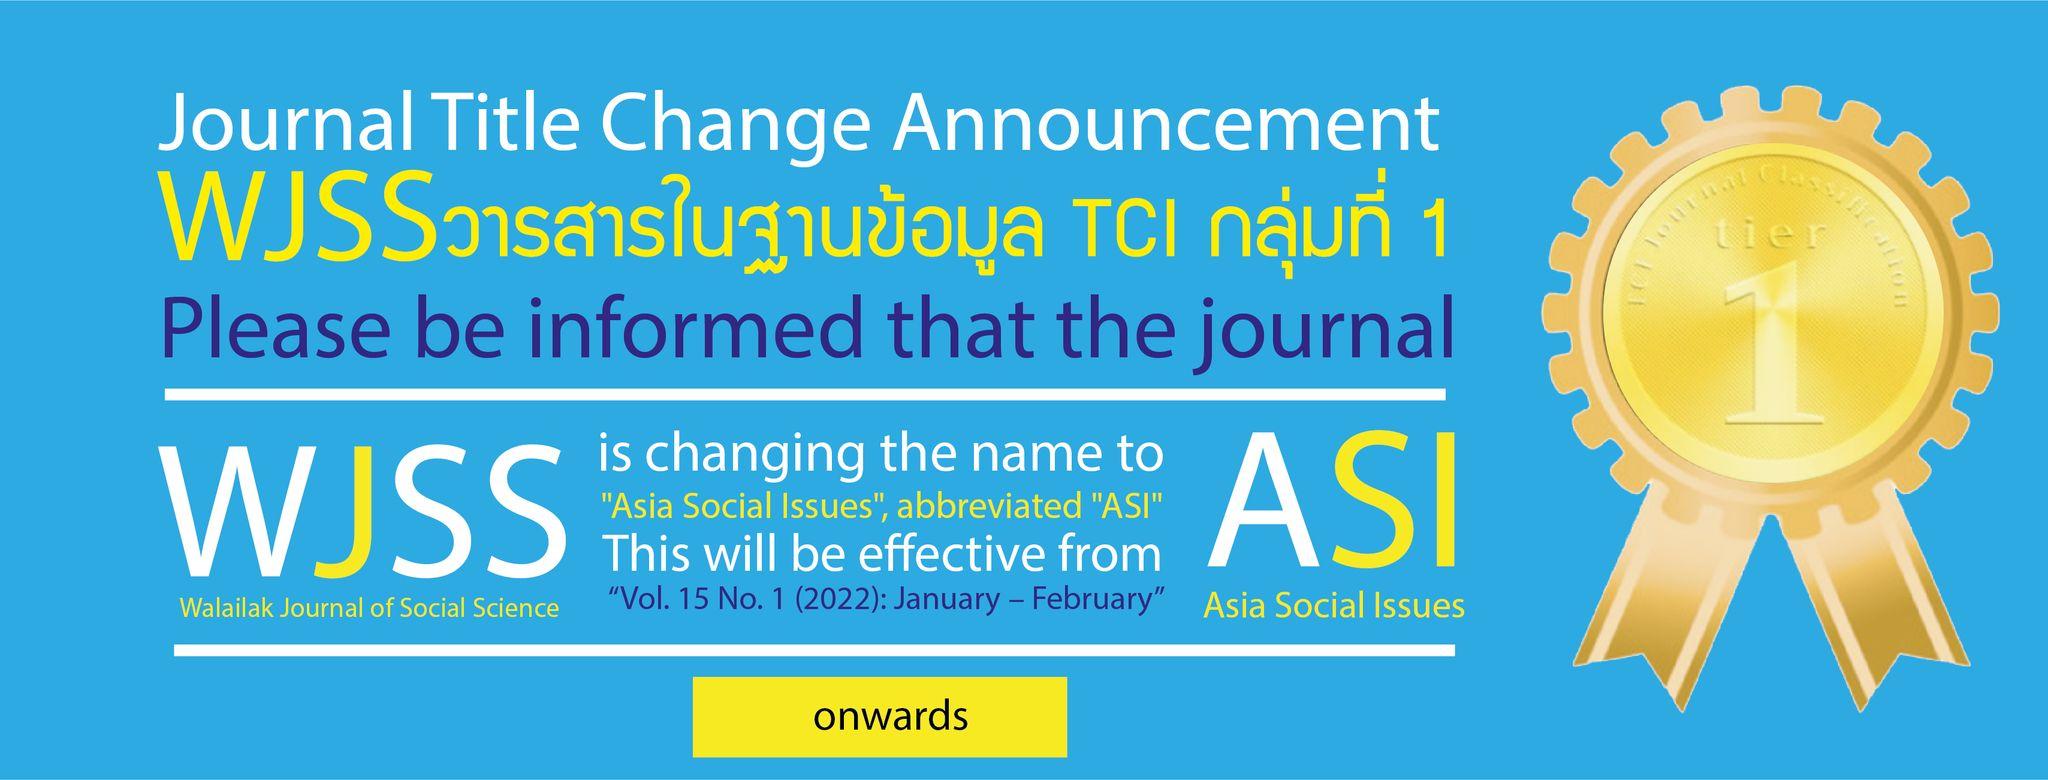 วารสารสังคมศาสตร์ มหาวิทยาลัยวลัยลักษณ์ (WALAILAK JOURNAL OF SOCIAL SCIENCES)